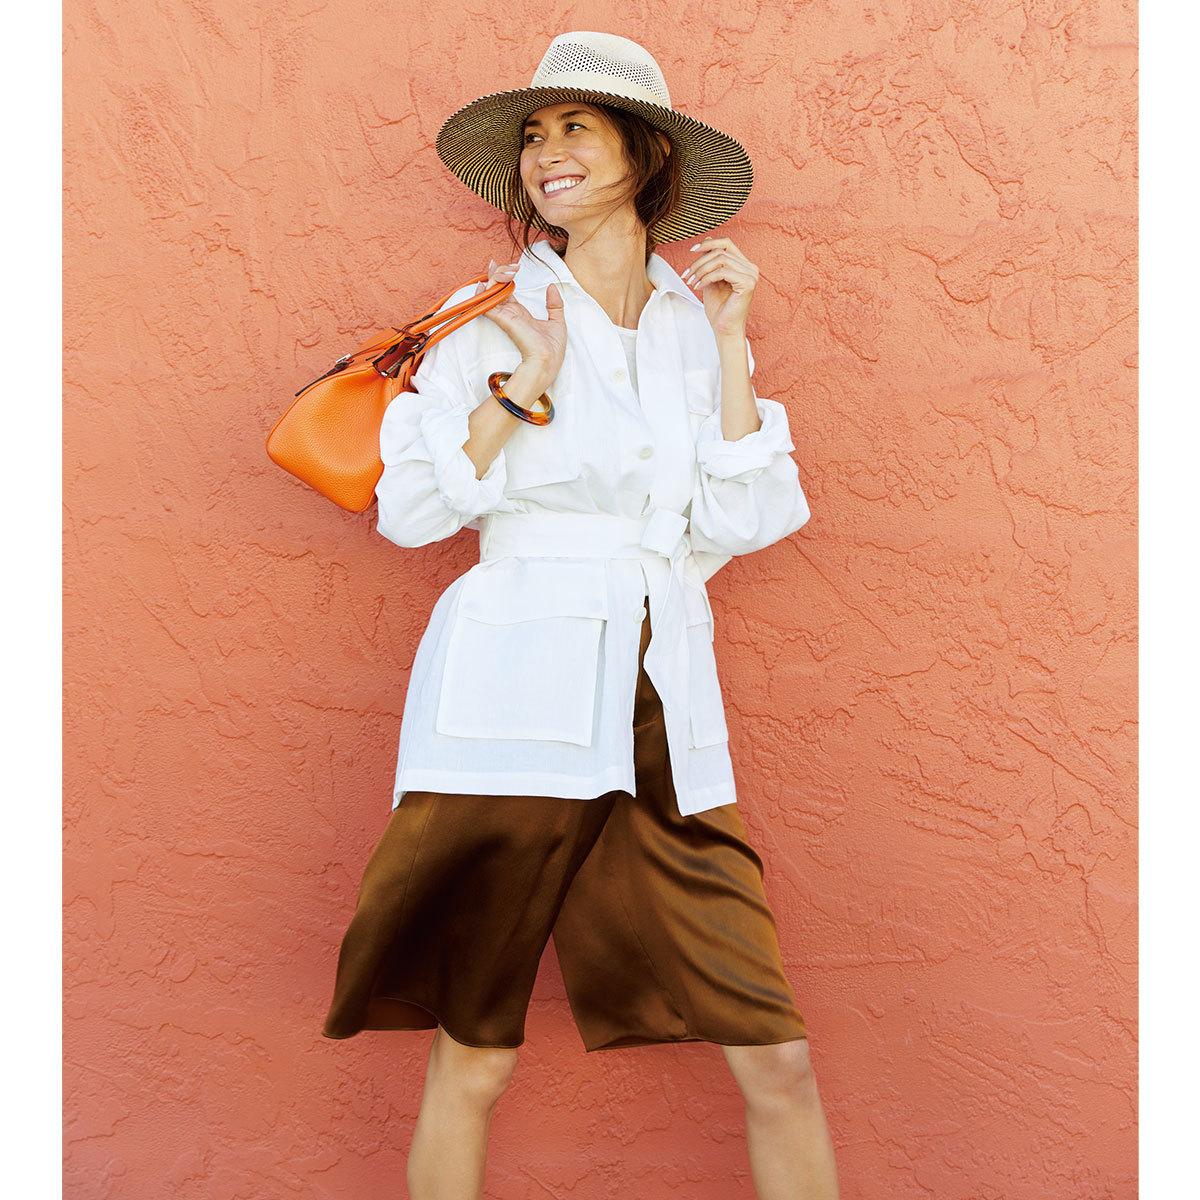 ブレンダが着る大人が目指したい5つのカジュアルスタイル_ヘルシーカジュアル